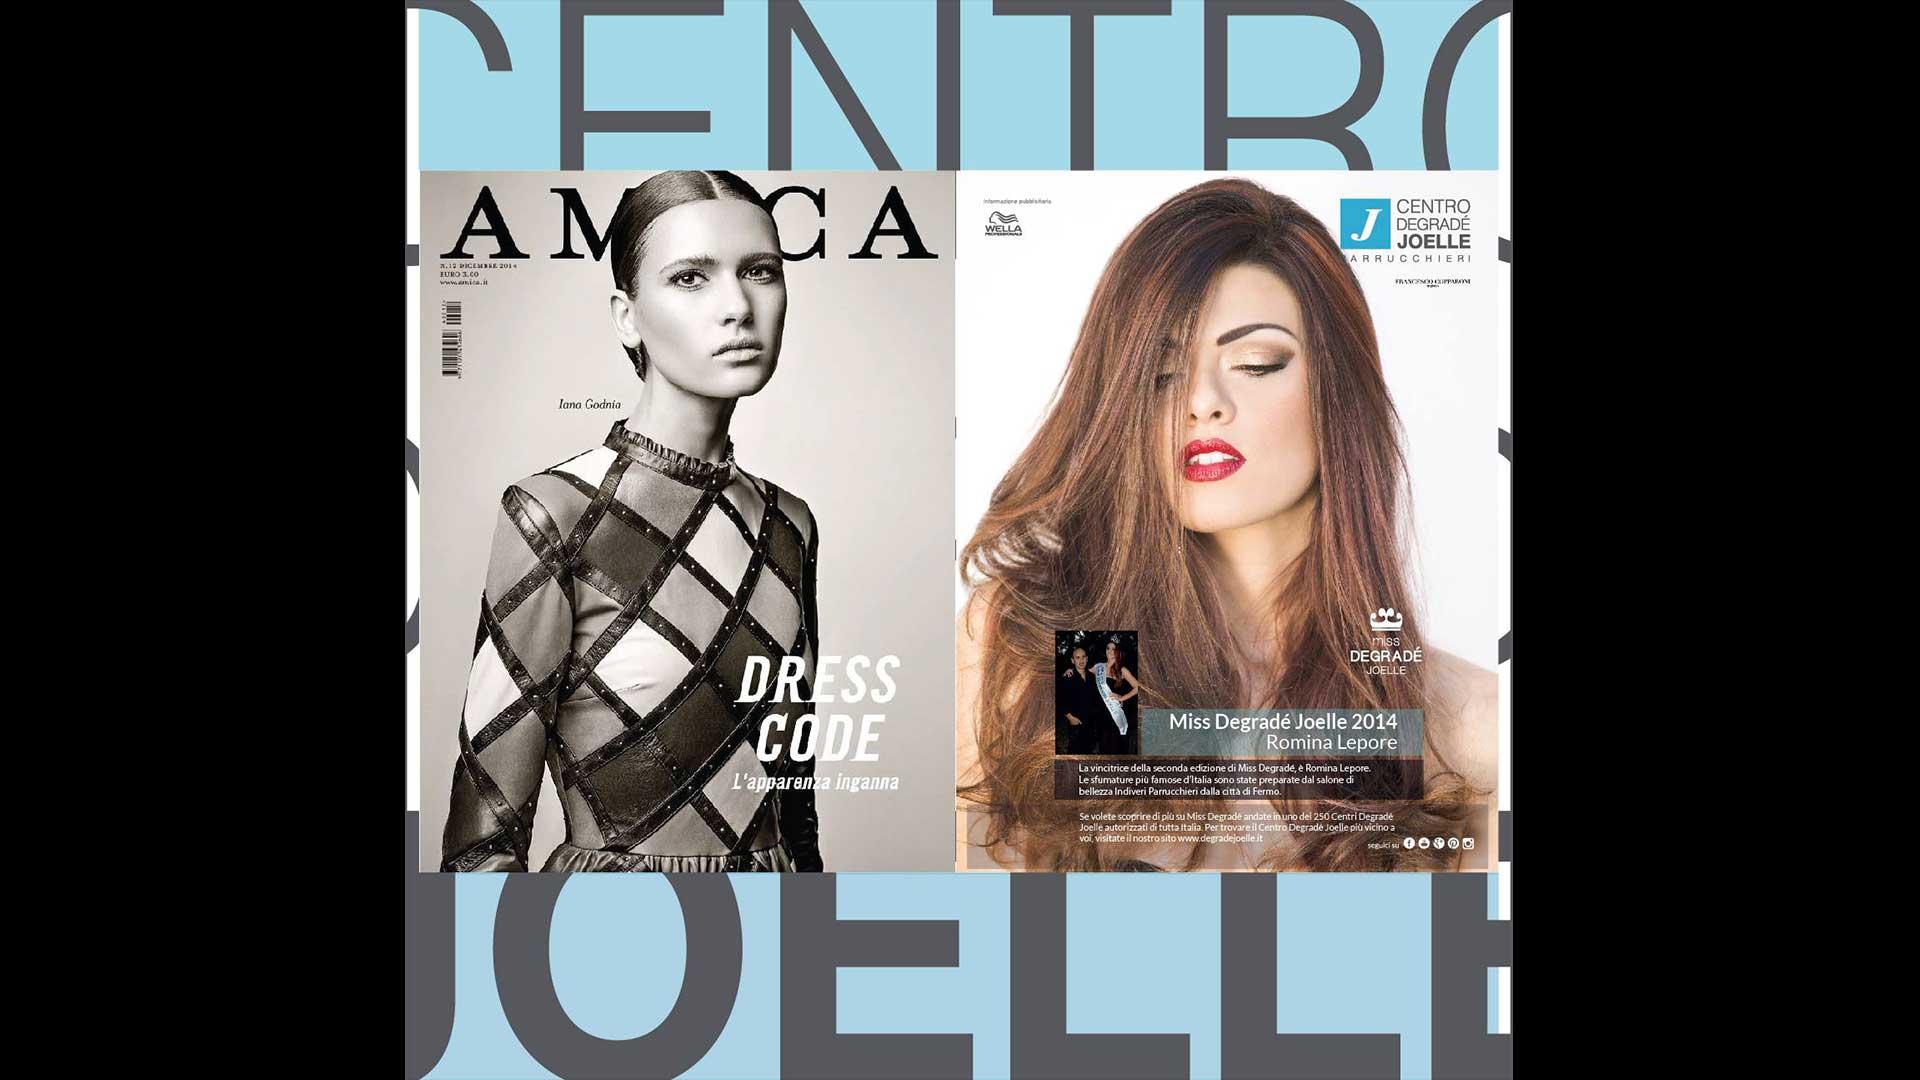 #sisters #luna #amica #CDJ #pubblicazione